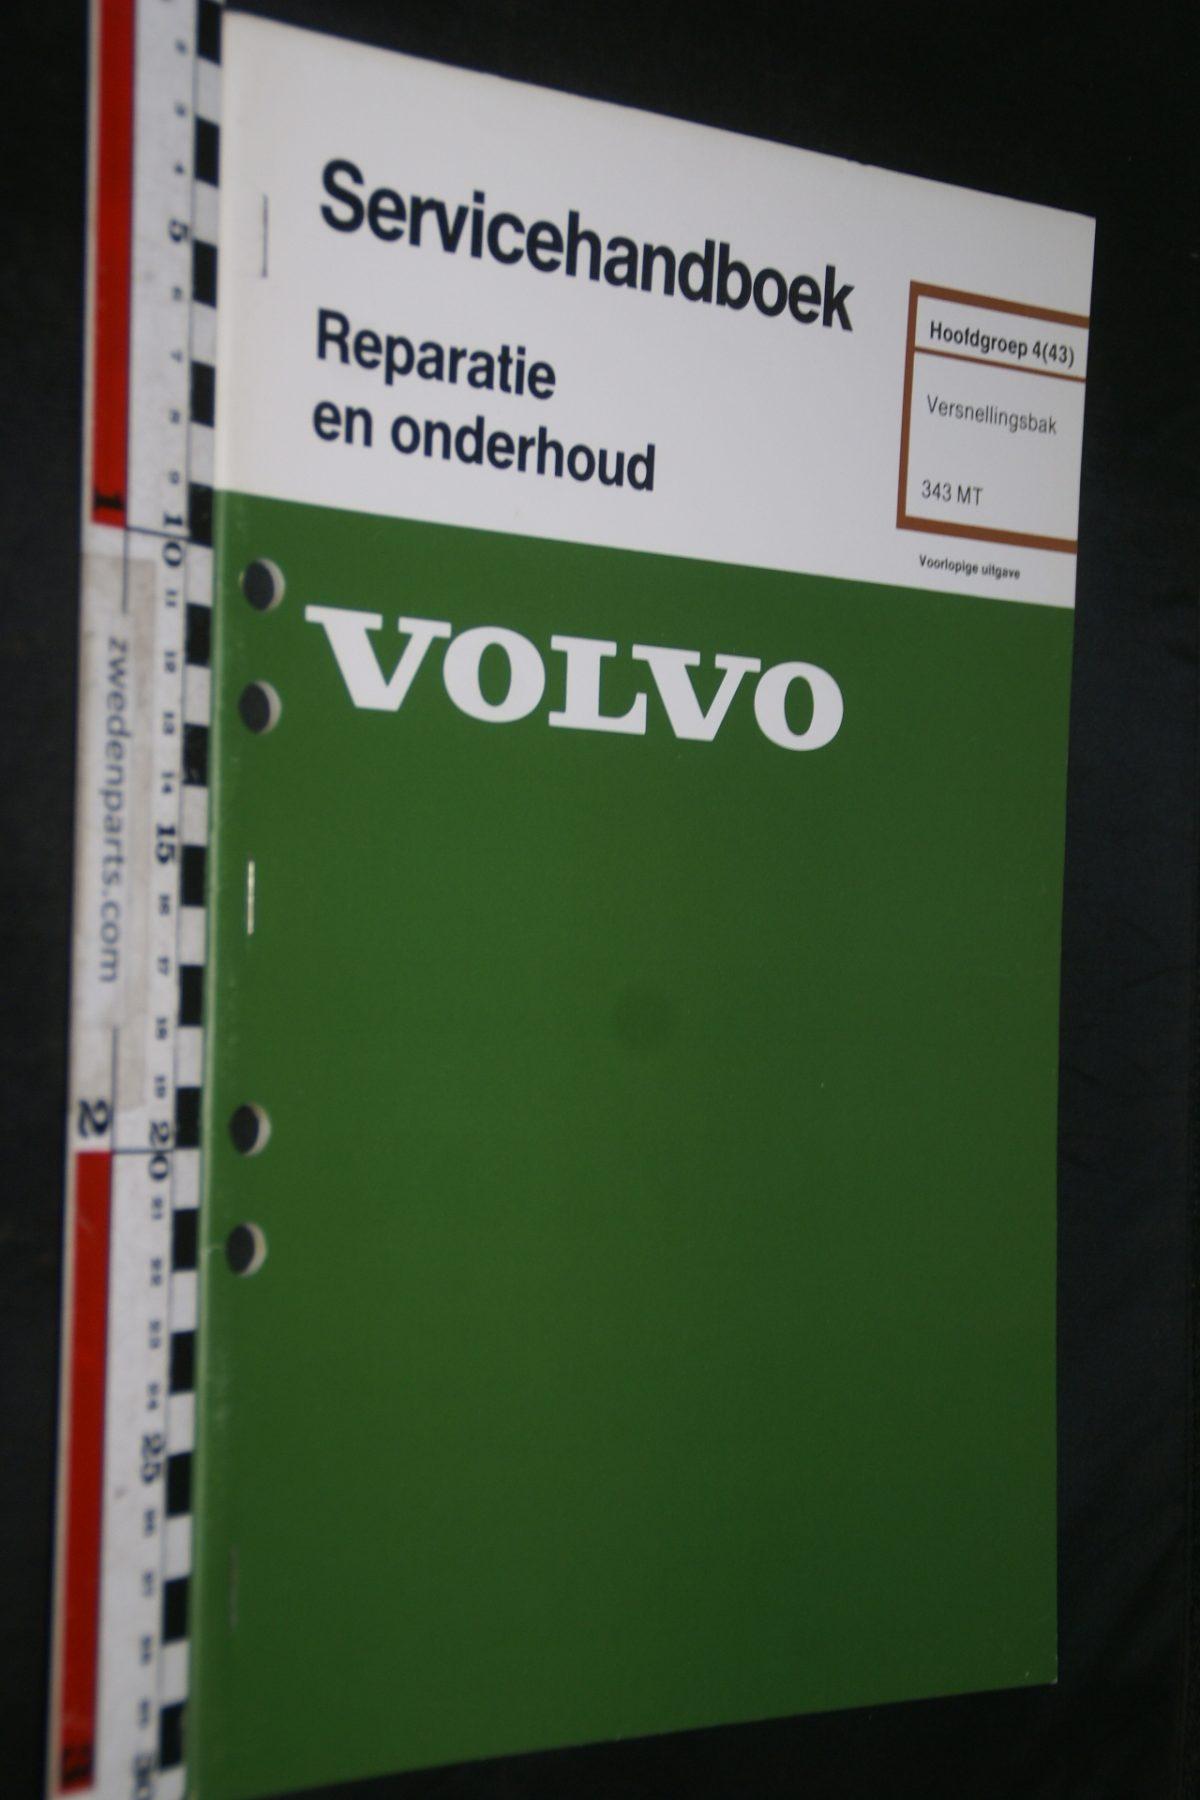 DSC06780 1978 origineel Volvo 340 servicehandboek 4(43) versnellingsbak MT 1 van 600 TP 12529-1